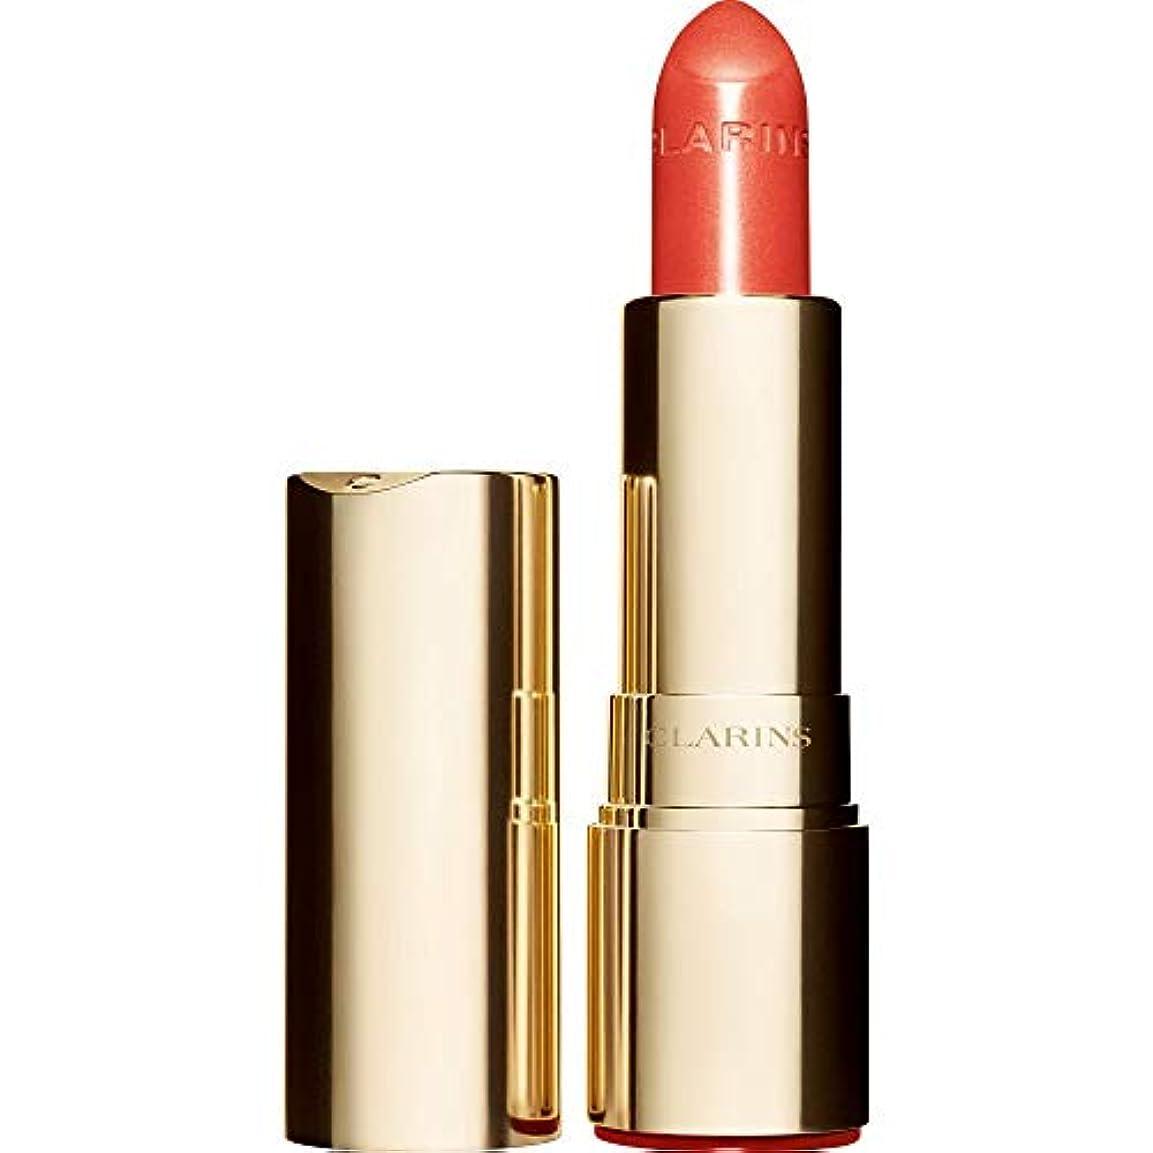 前文ナチュラル装備する[Clarins ] クラランスジョリルージュブリリアント口紅3.5グラムの711S - パパイヤ - Clarins Joli Rouge Brillant Lipstick 3.5g 711S - Papaya [並行輸入品]